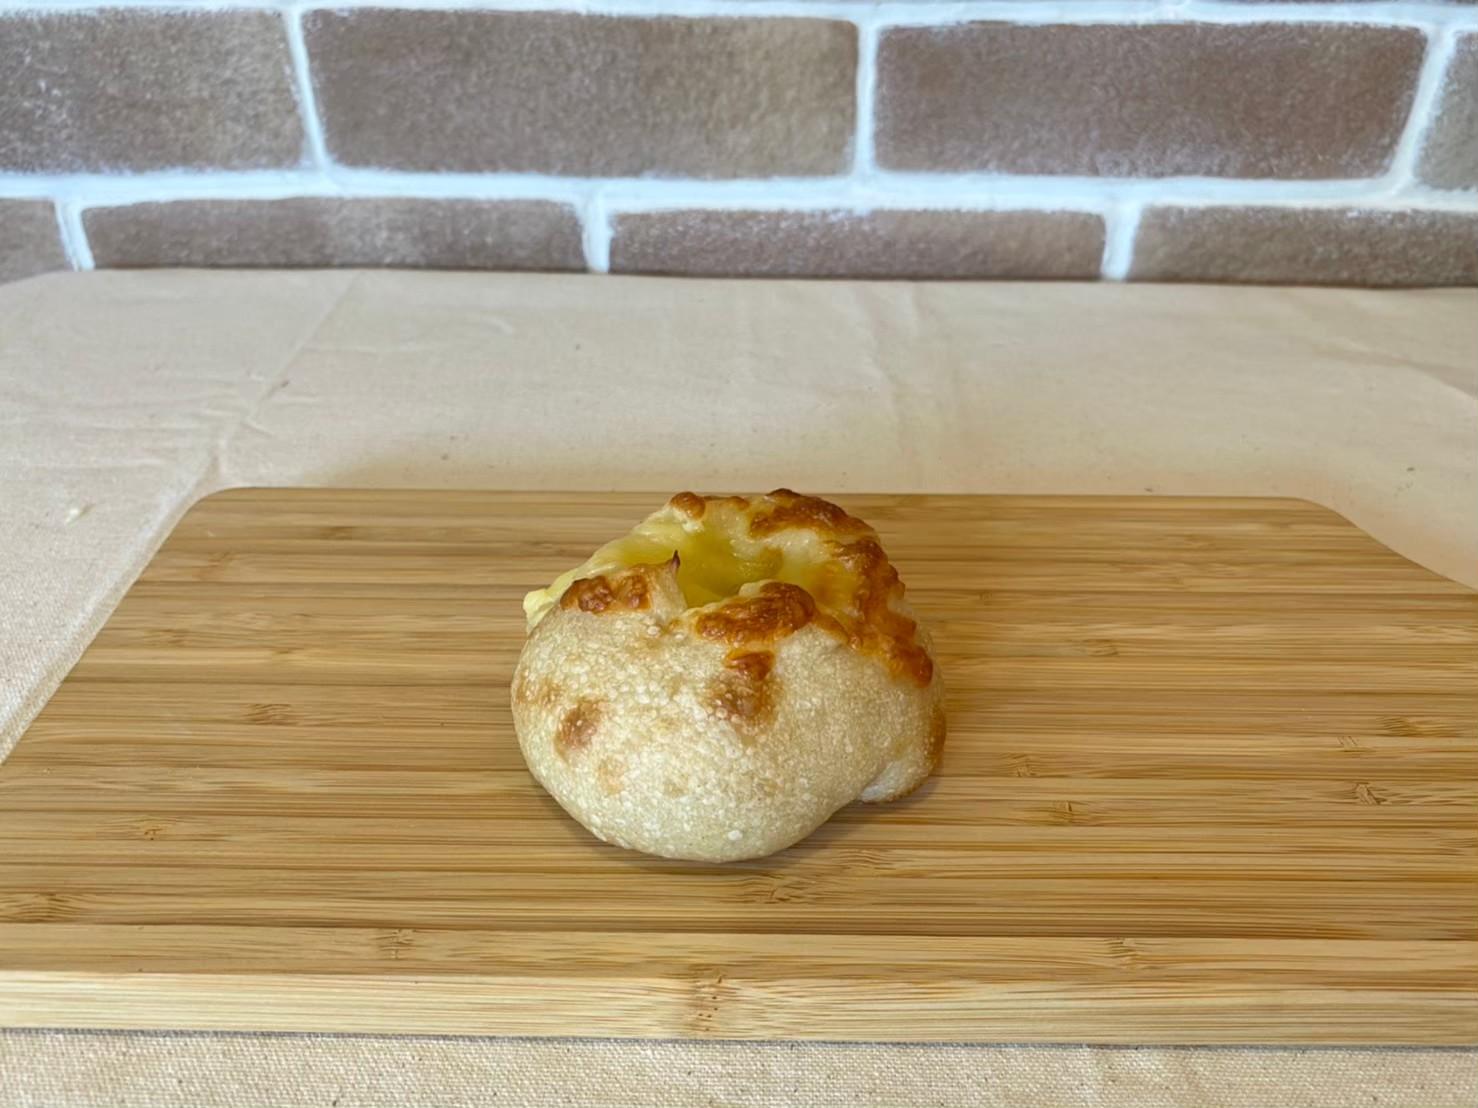 【送料無料】eggg bakery玉手箱セット